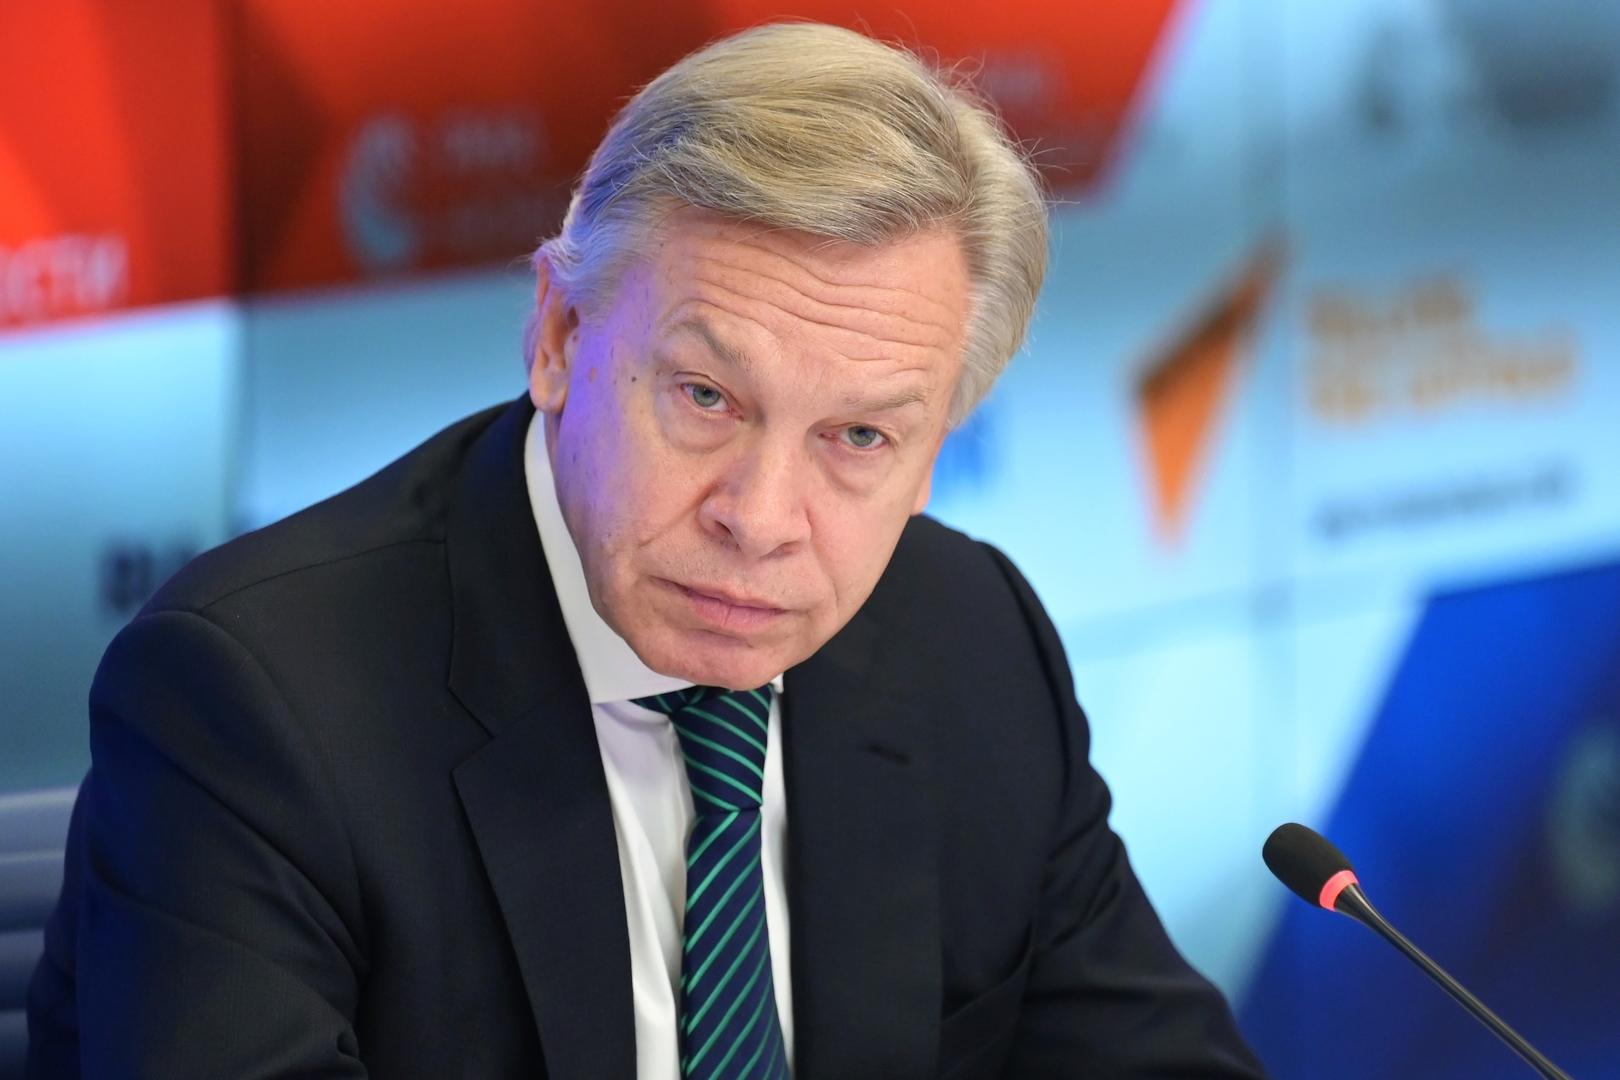 سيناتور روسي: البنتاغون يقلل حدة تصريحاته المعادية لروسيا عشية قمة بوتين-بايدن